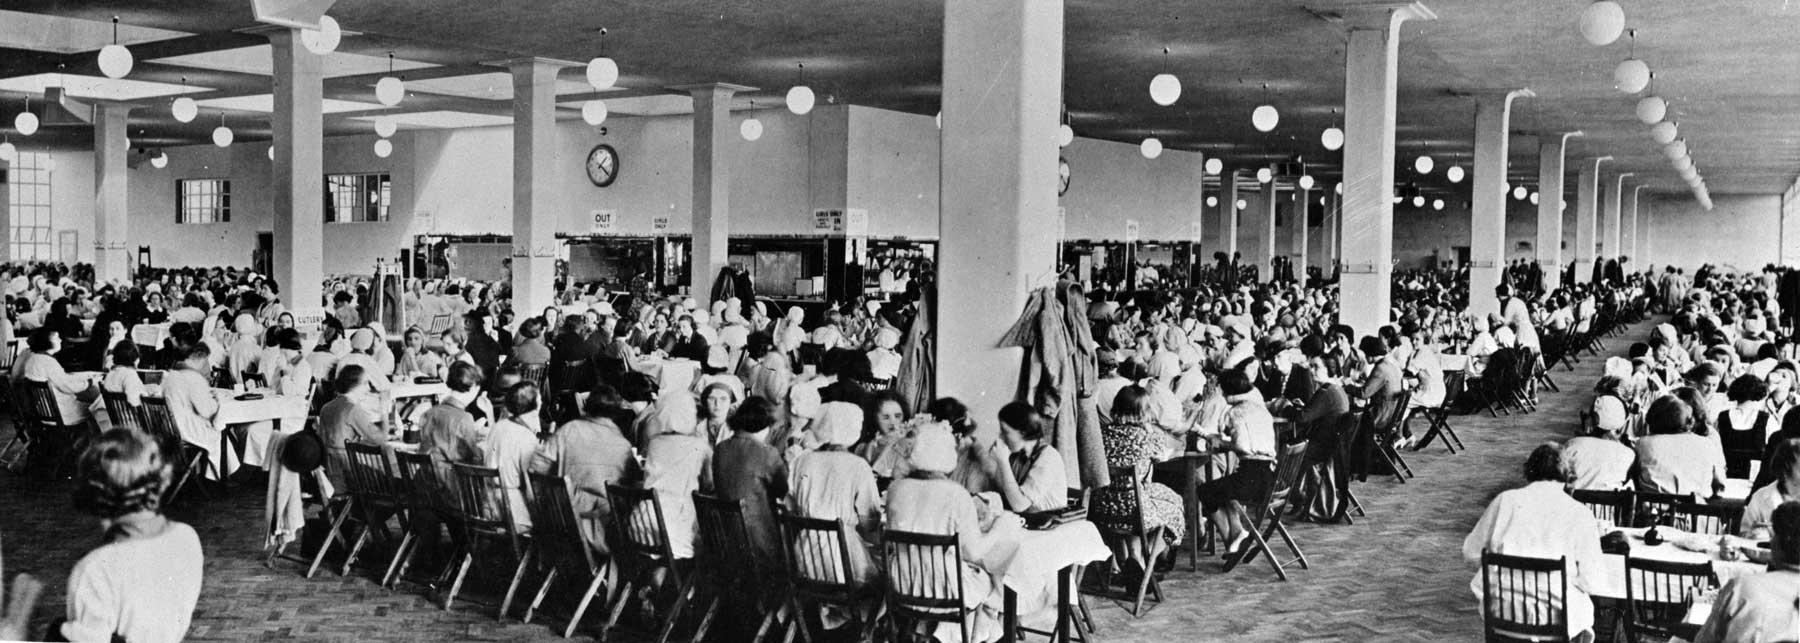 Factory canteen, 1943